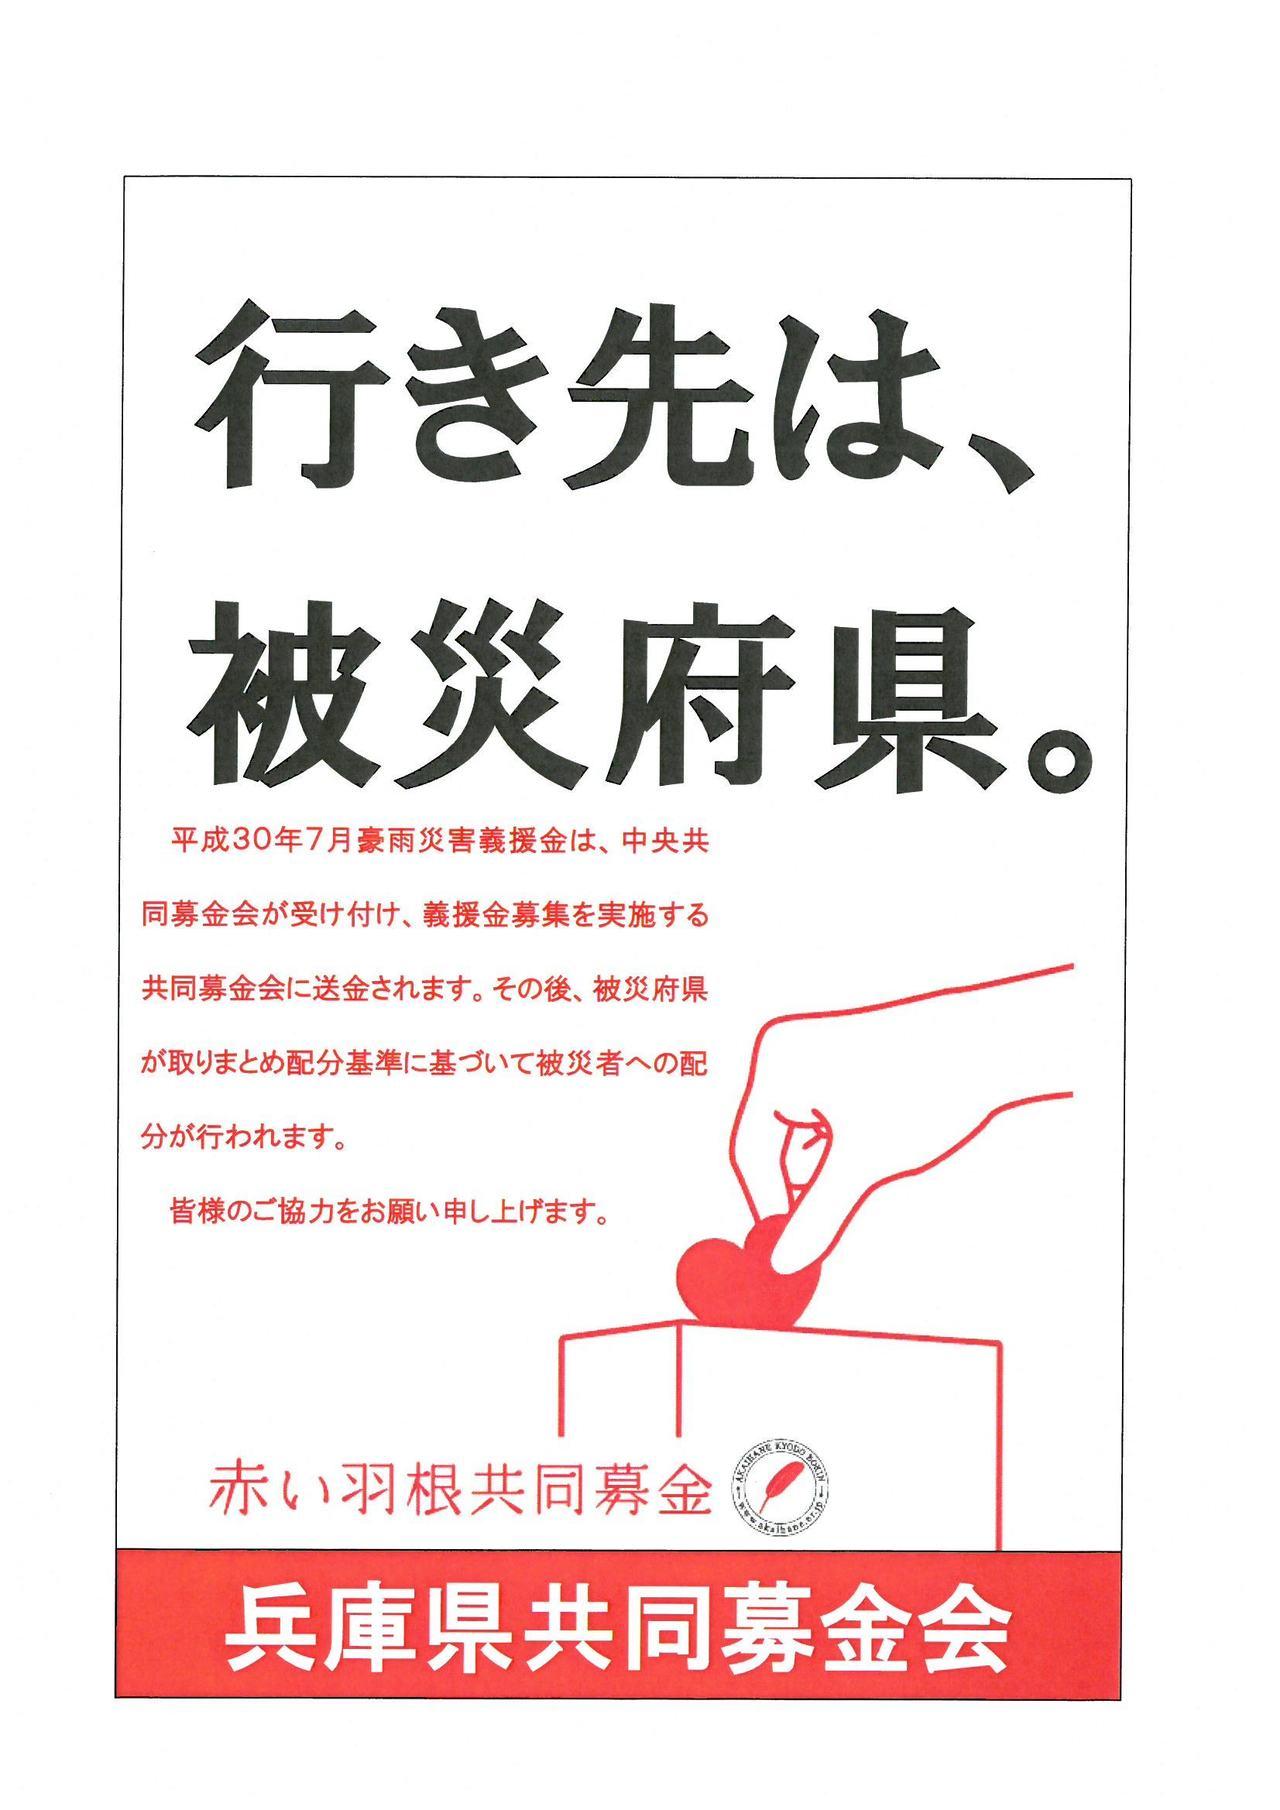 平成30年7月豪雨災害義援金の募集について